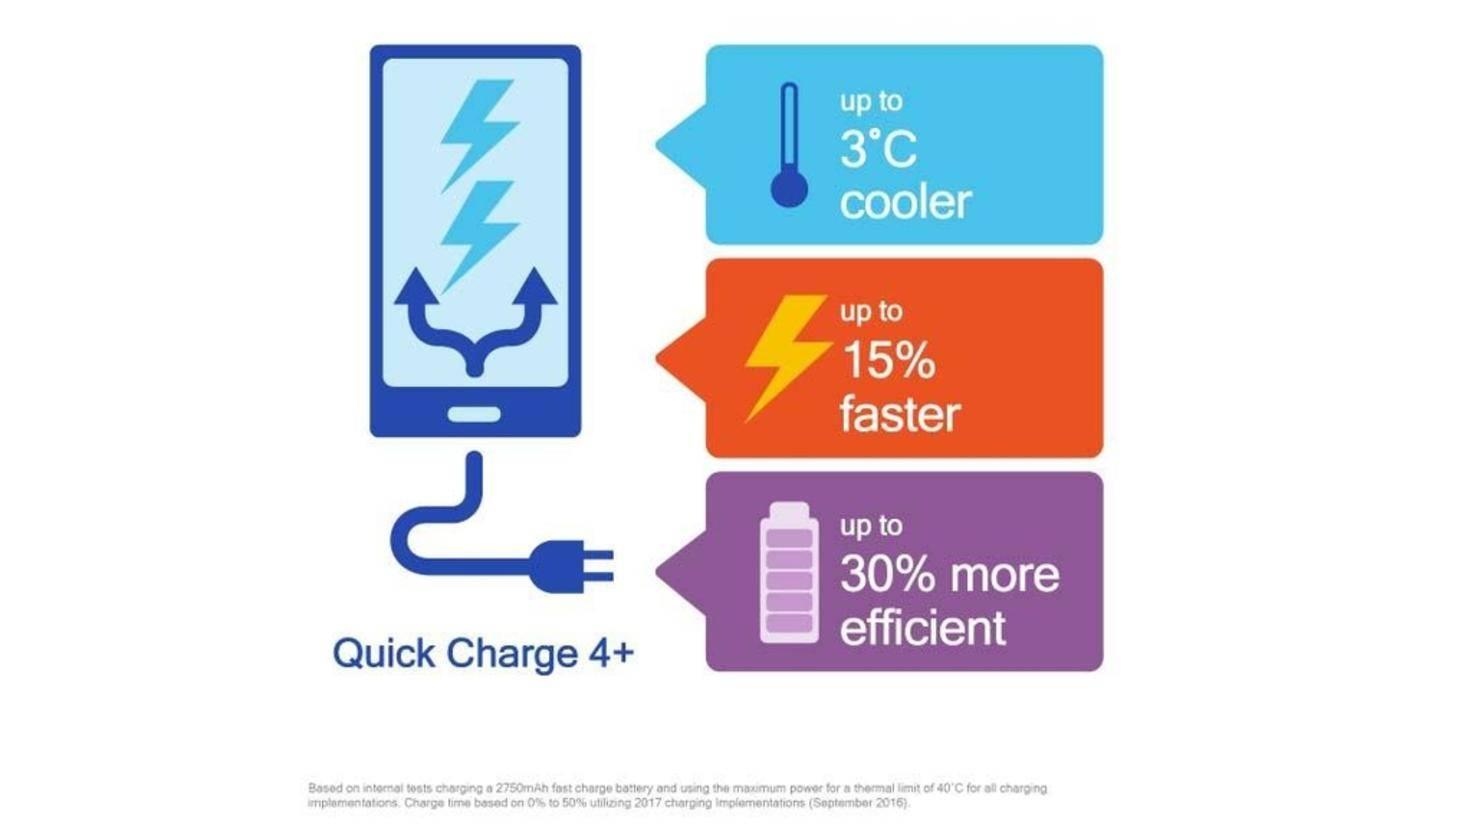 Quick-Charge-4-Plus-Qualcomm